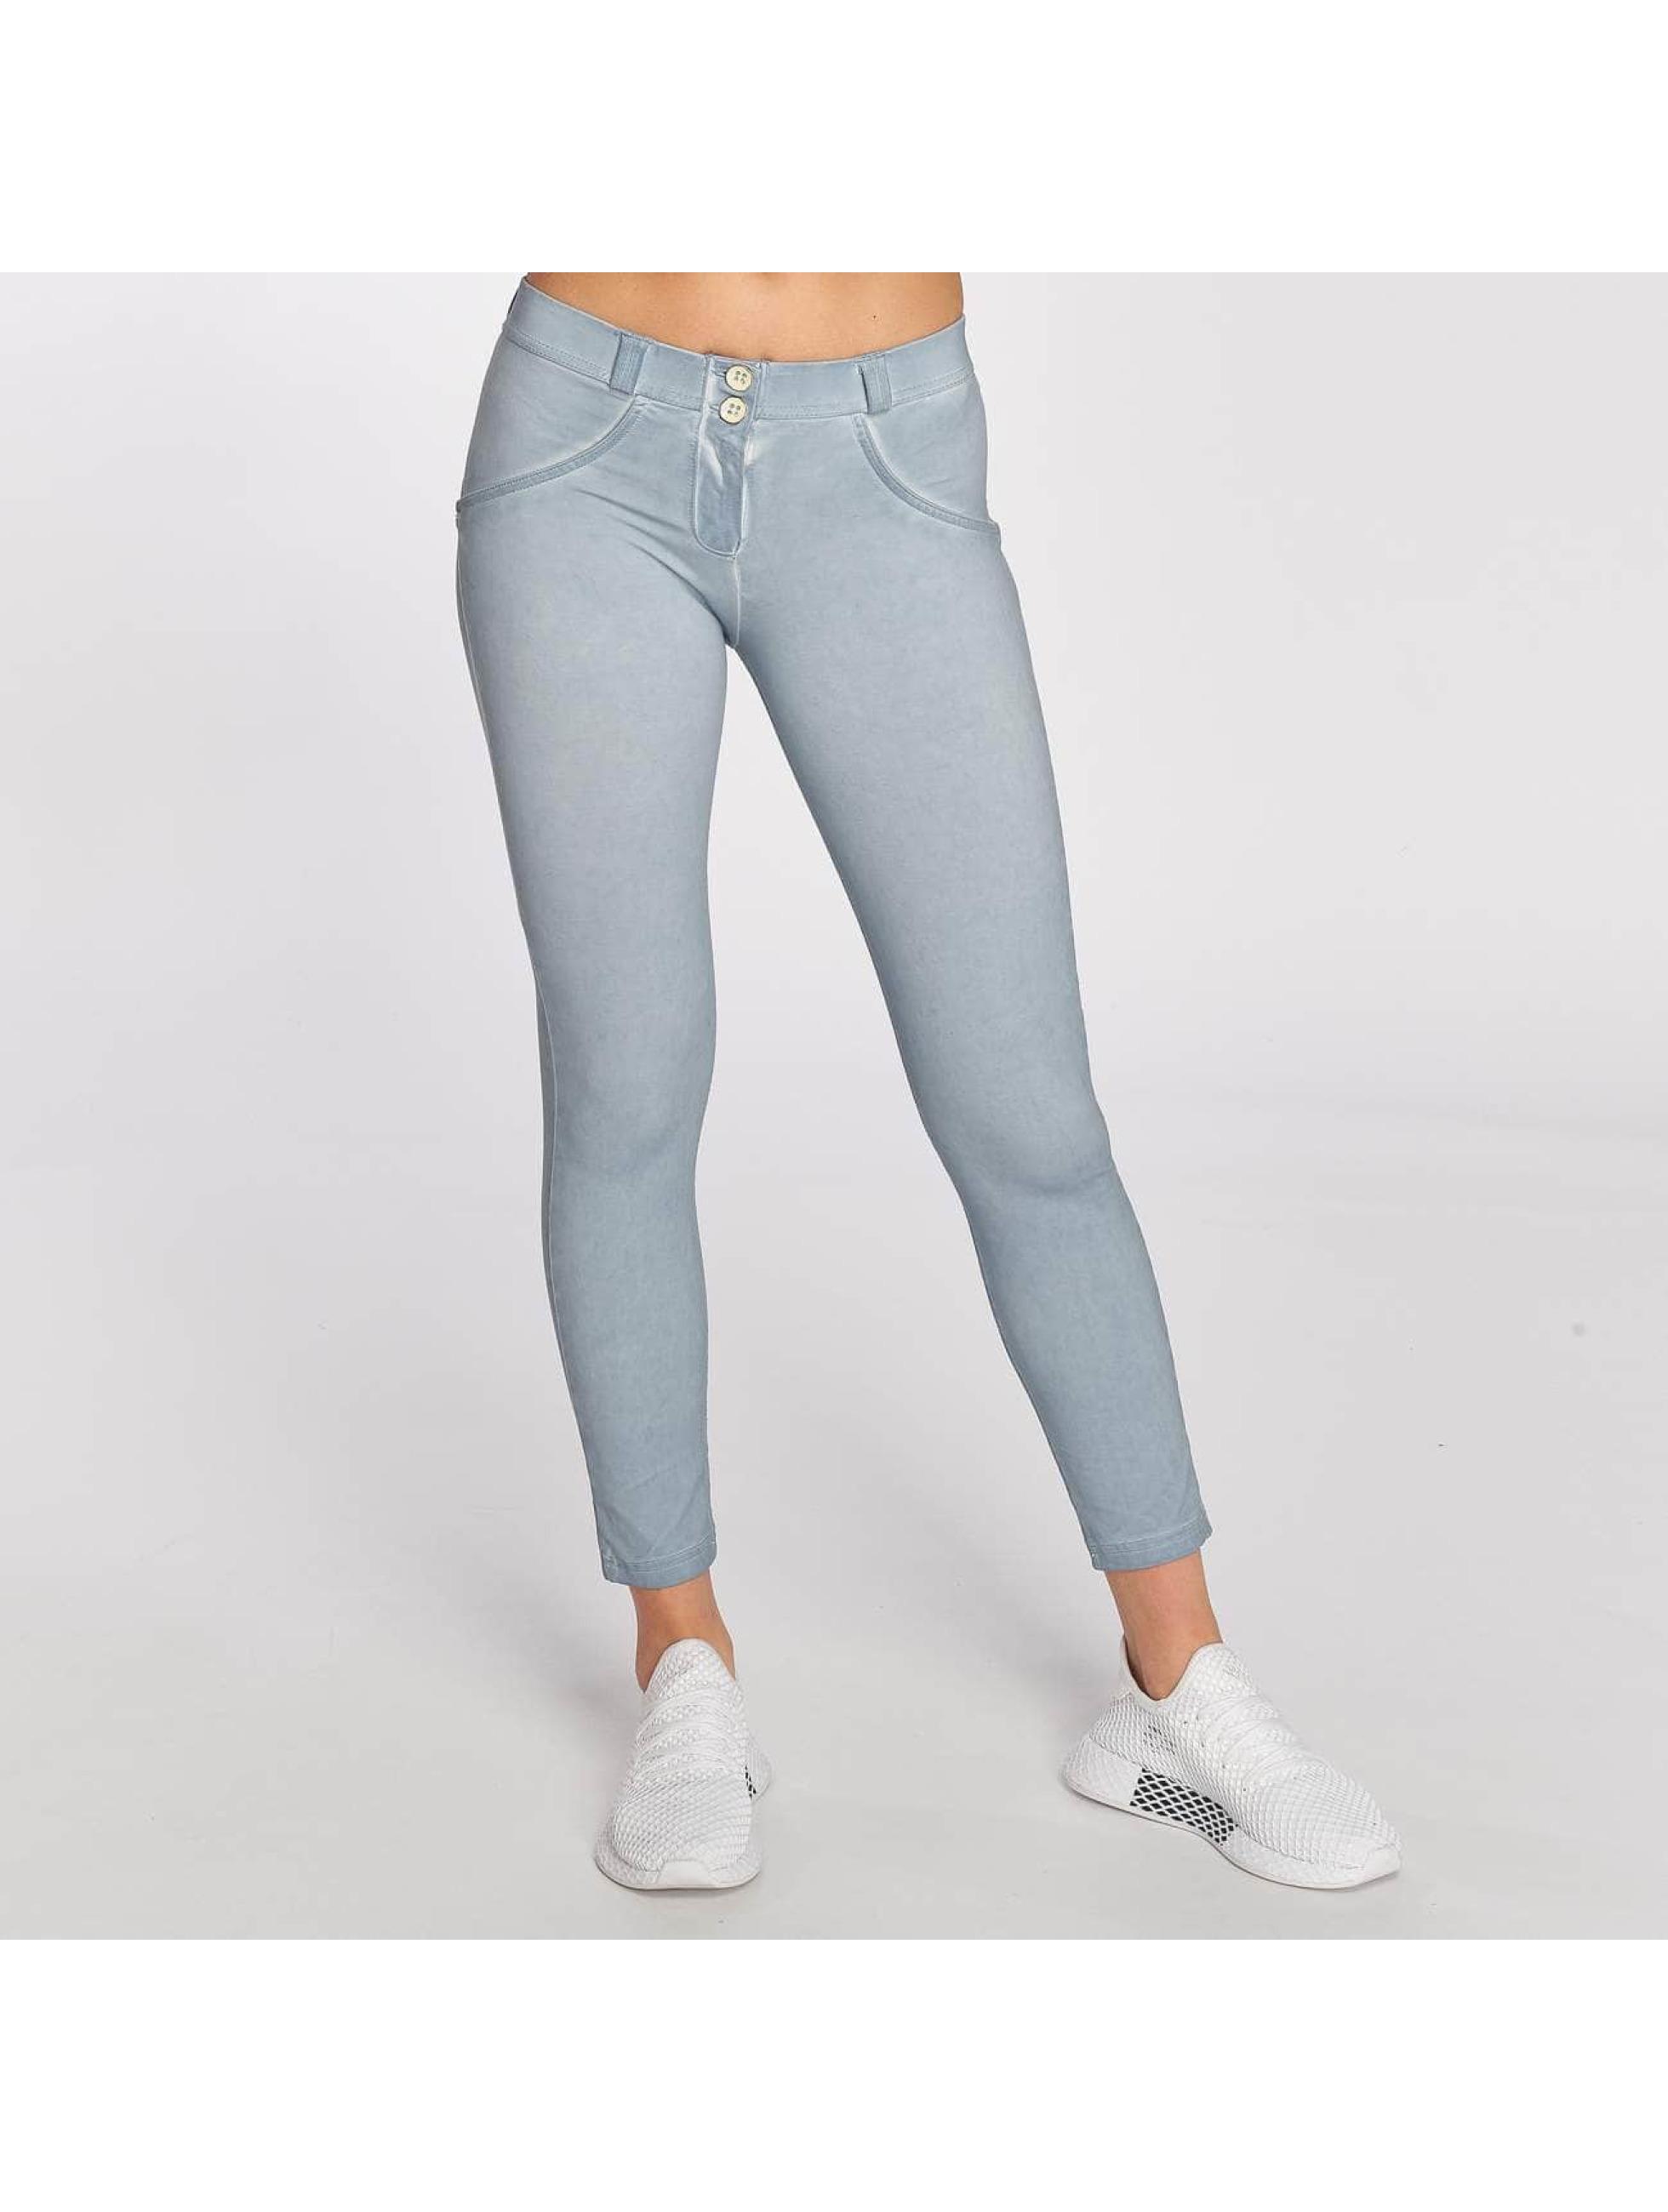 Freddy Jean skinny Pantalone 7/8 bleu